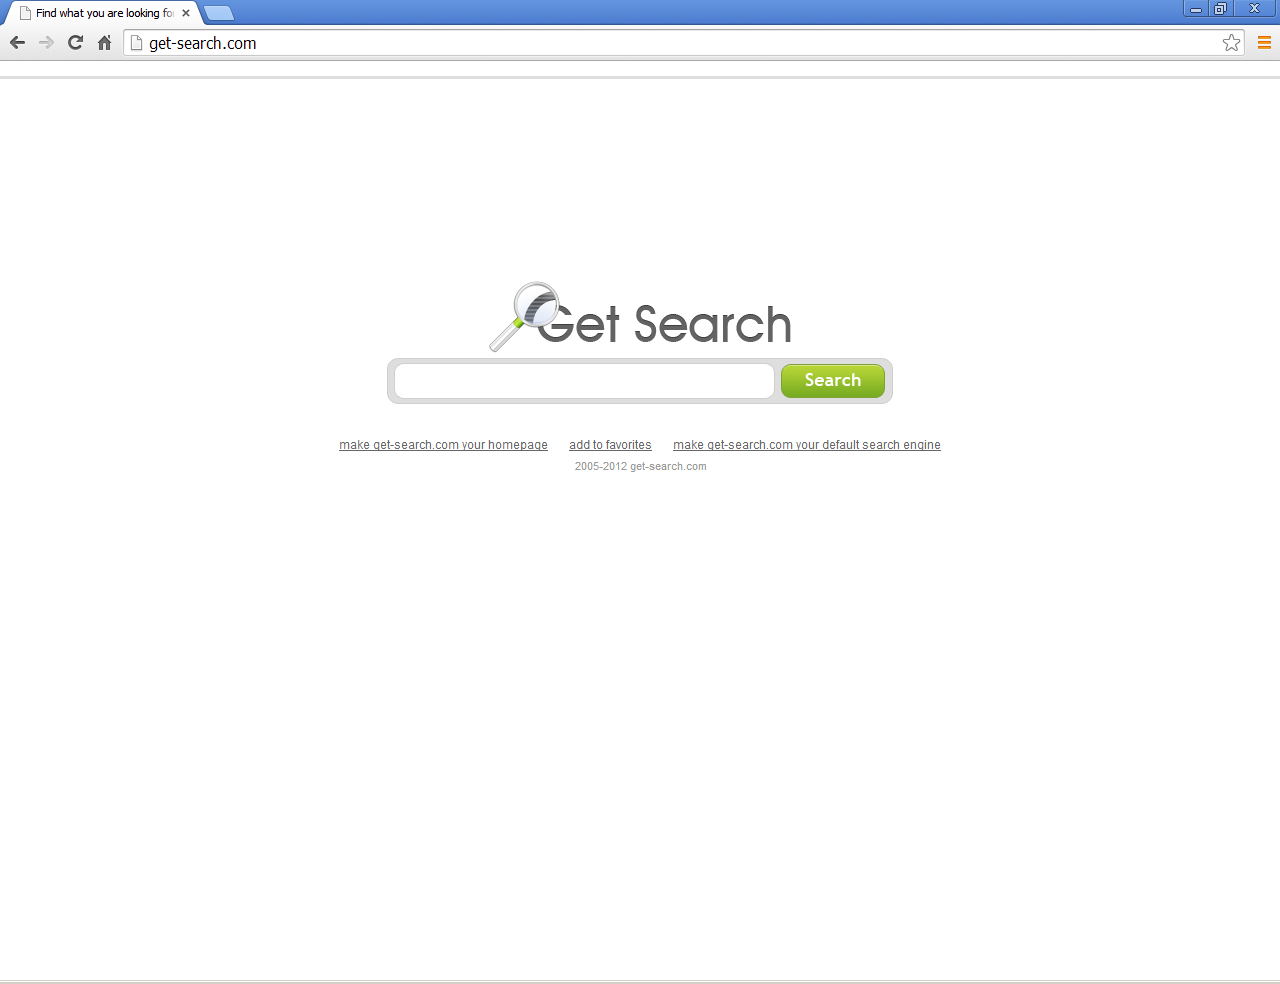 Get-Search.com y Get Search Toolbar